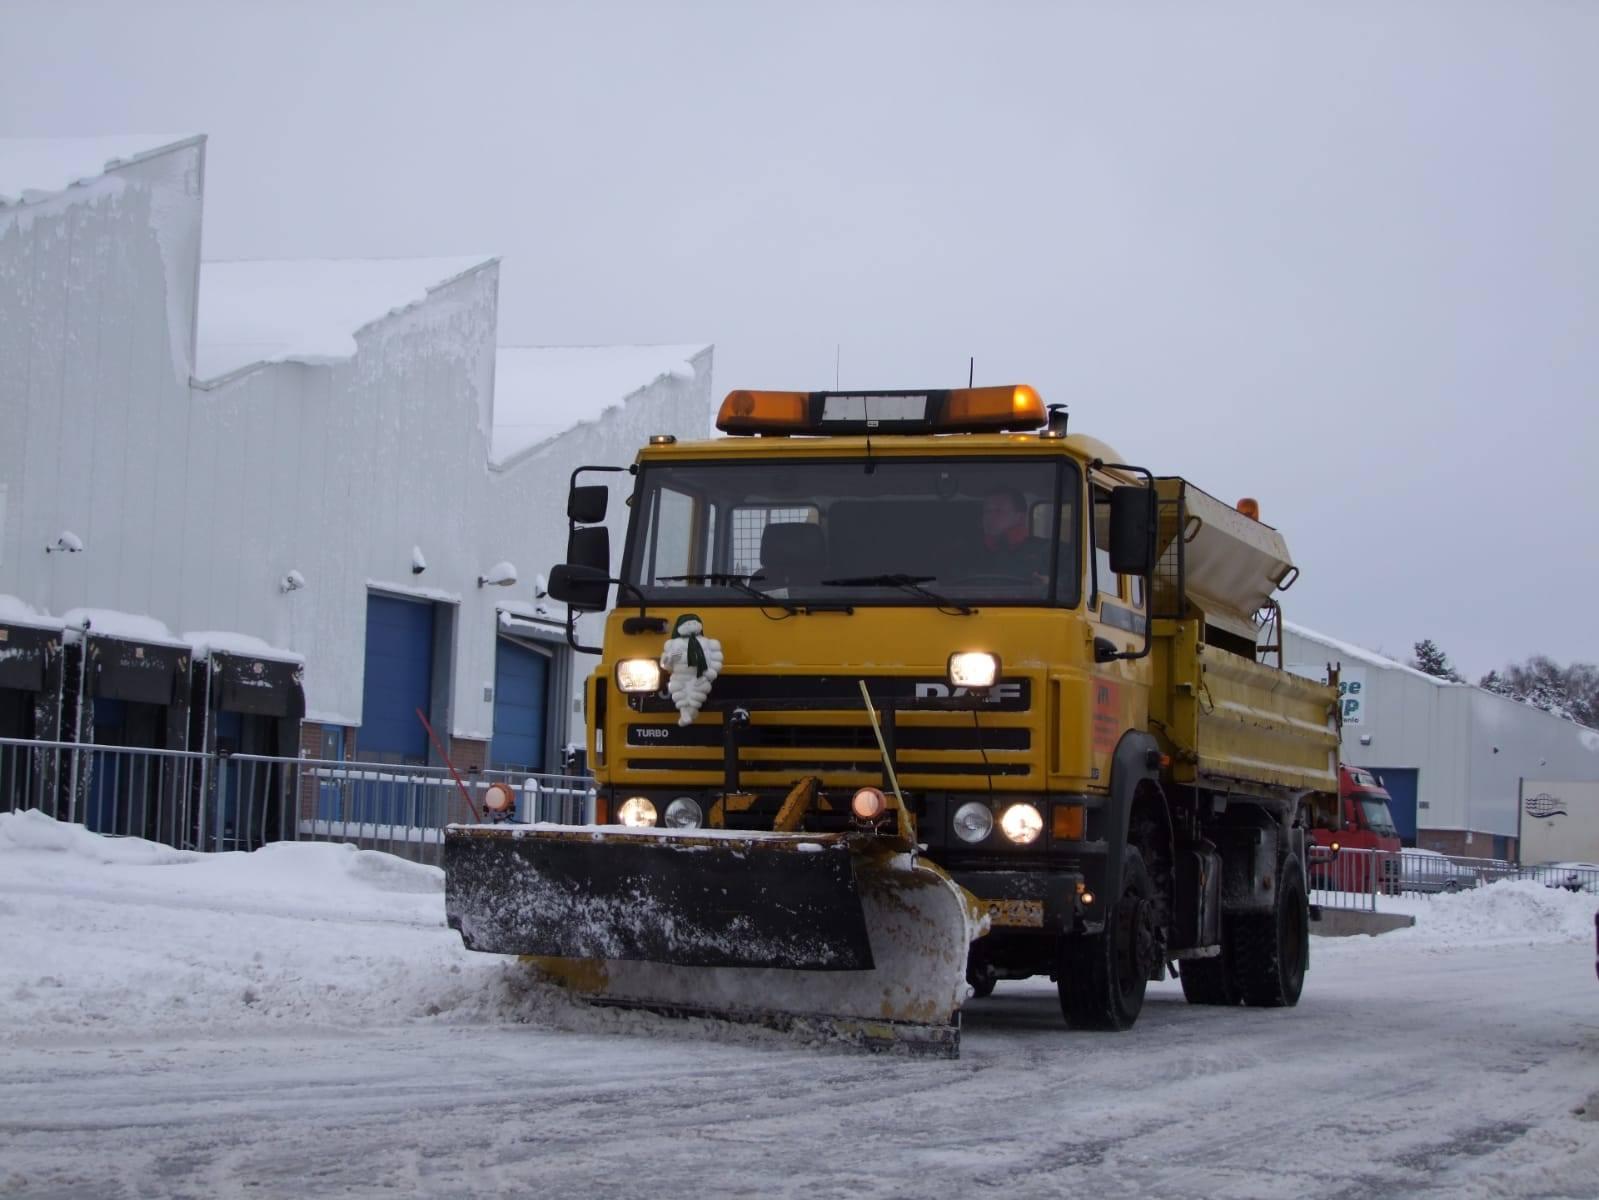 Daf-sneeuwschuiver-2010--Jan-archief-(1)